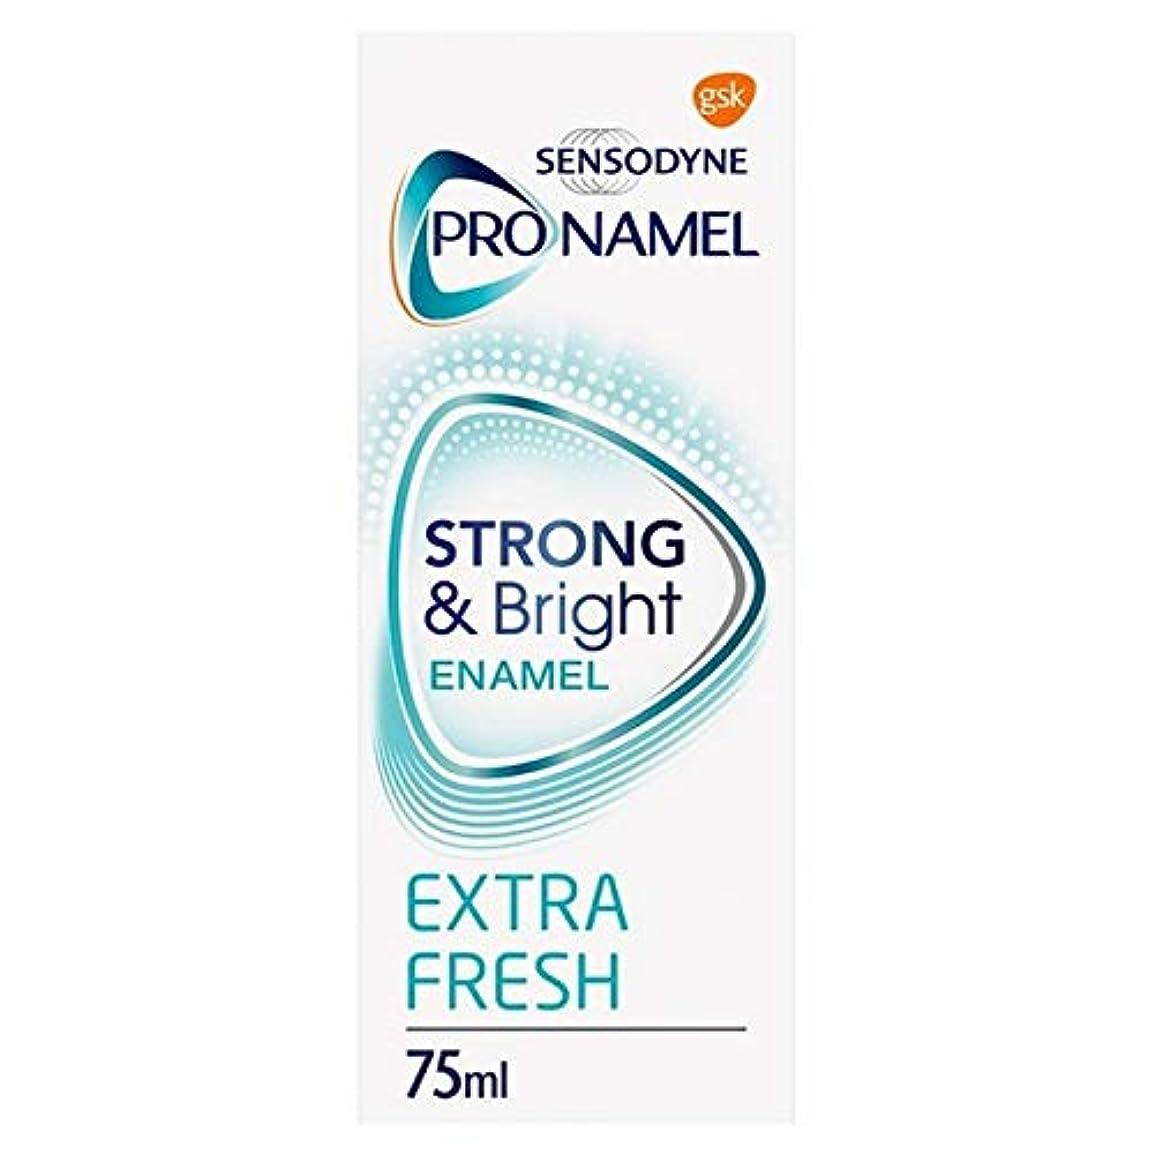 アッパー中で学期[Sensodyne] SensodyneのPronamel強い&ブライト歯磨き粉75ミリリットル - Sensodyne Pronamel Strong & Bright Toothpaste 75ml [並行輸入品]